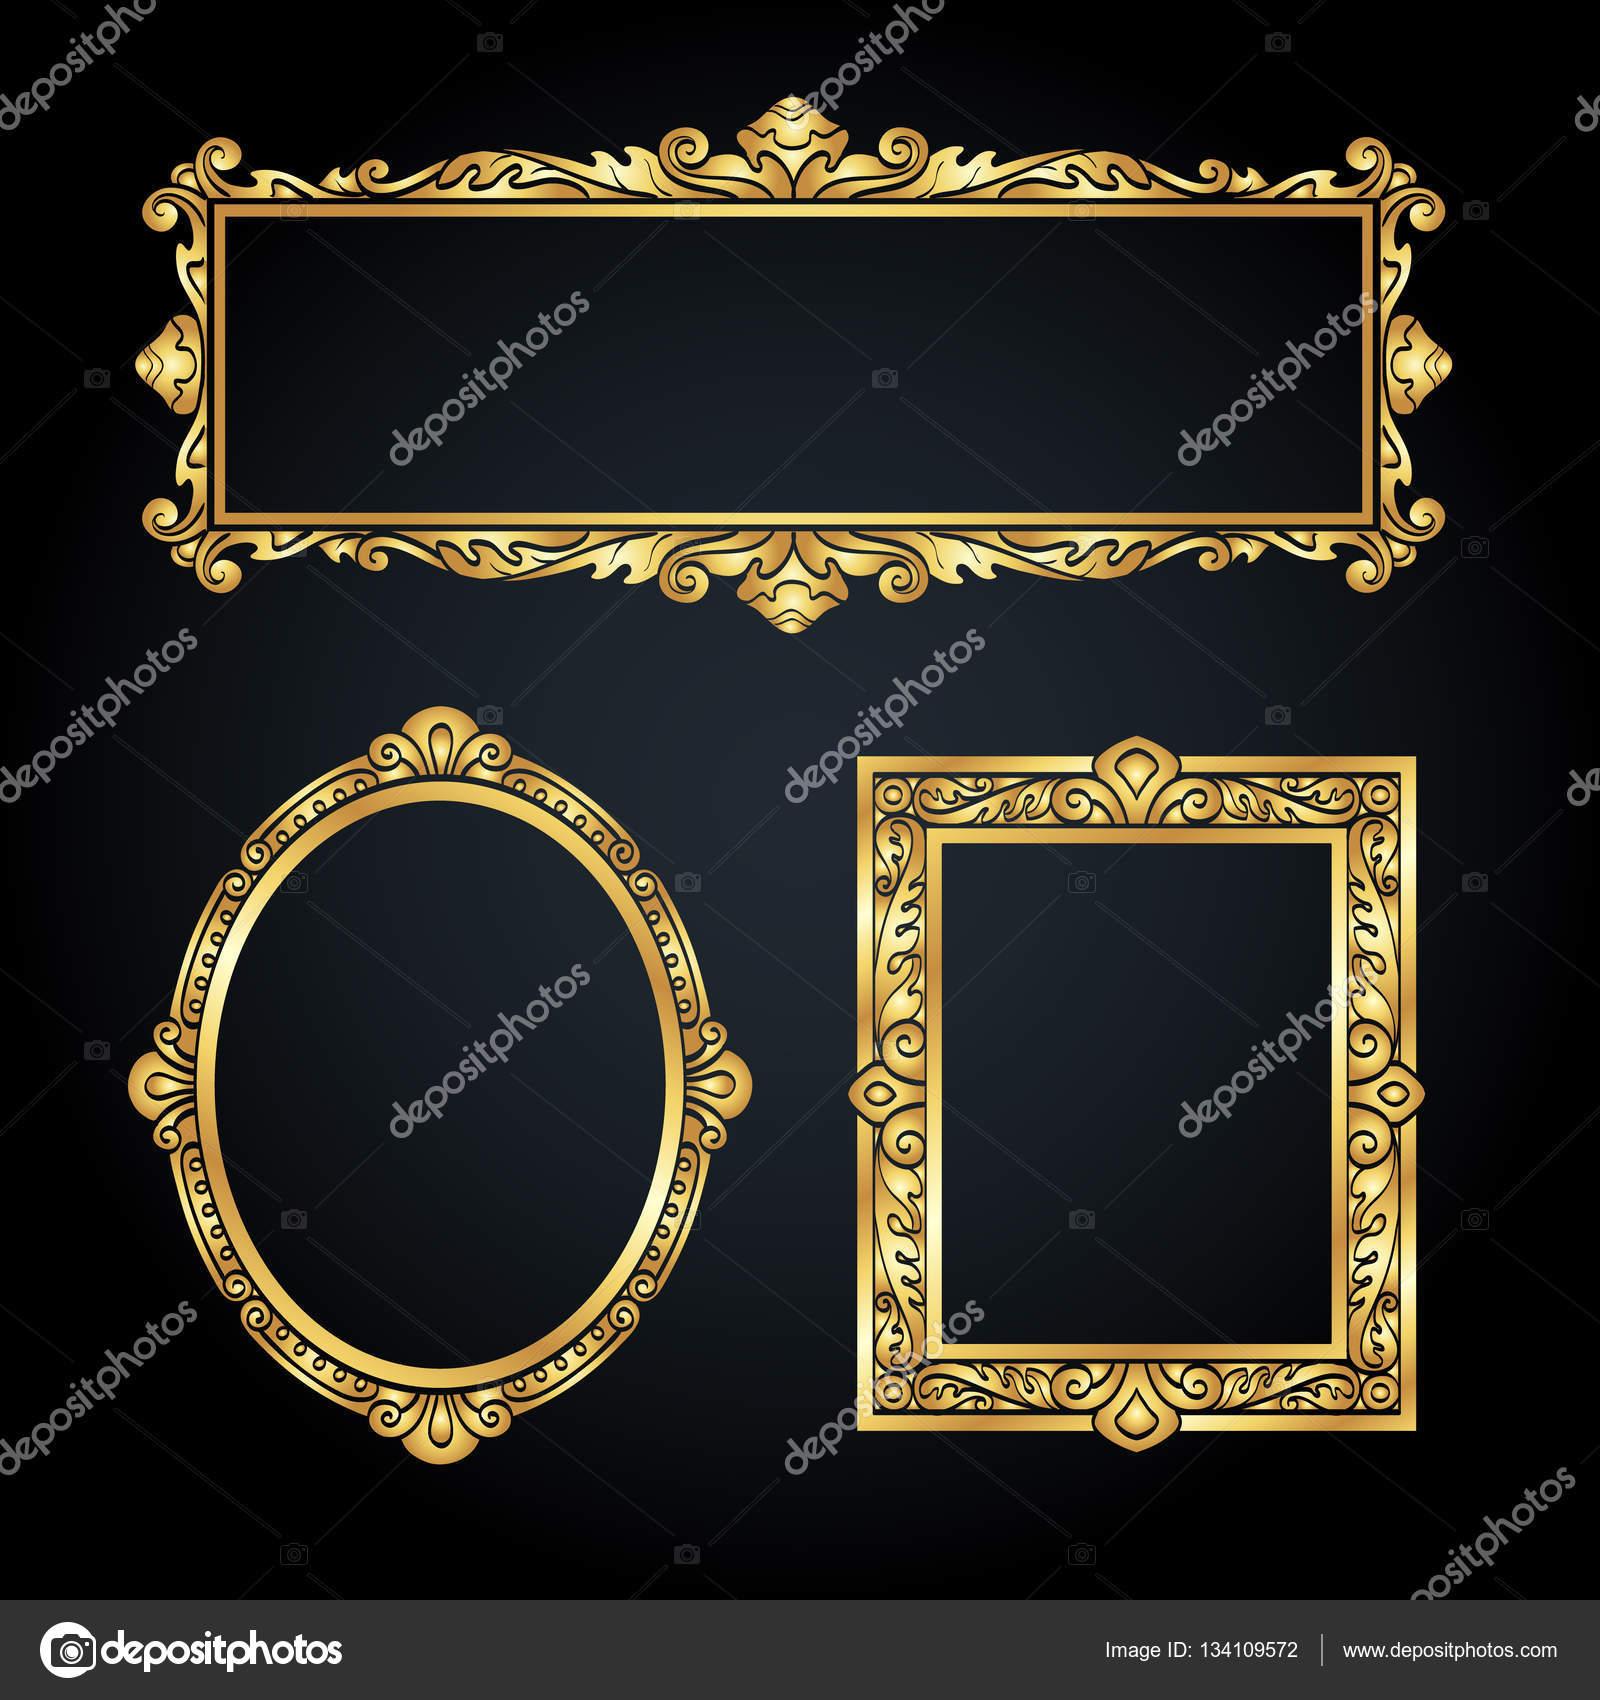 a260da061e8 Set of vintage banners. Gold frames on black background. Vector  illustration.